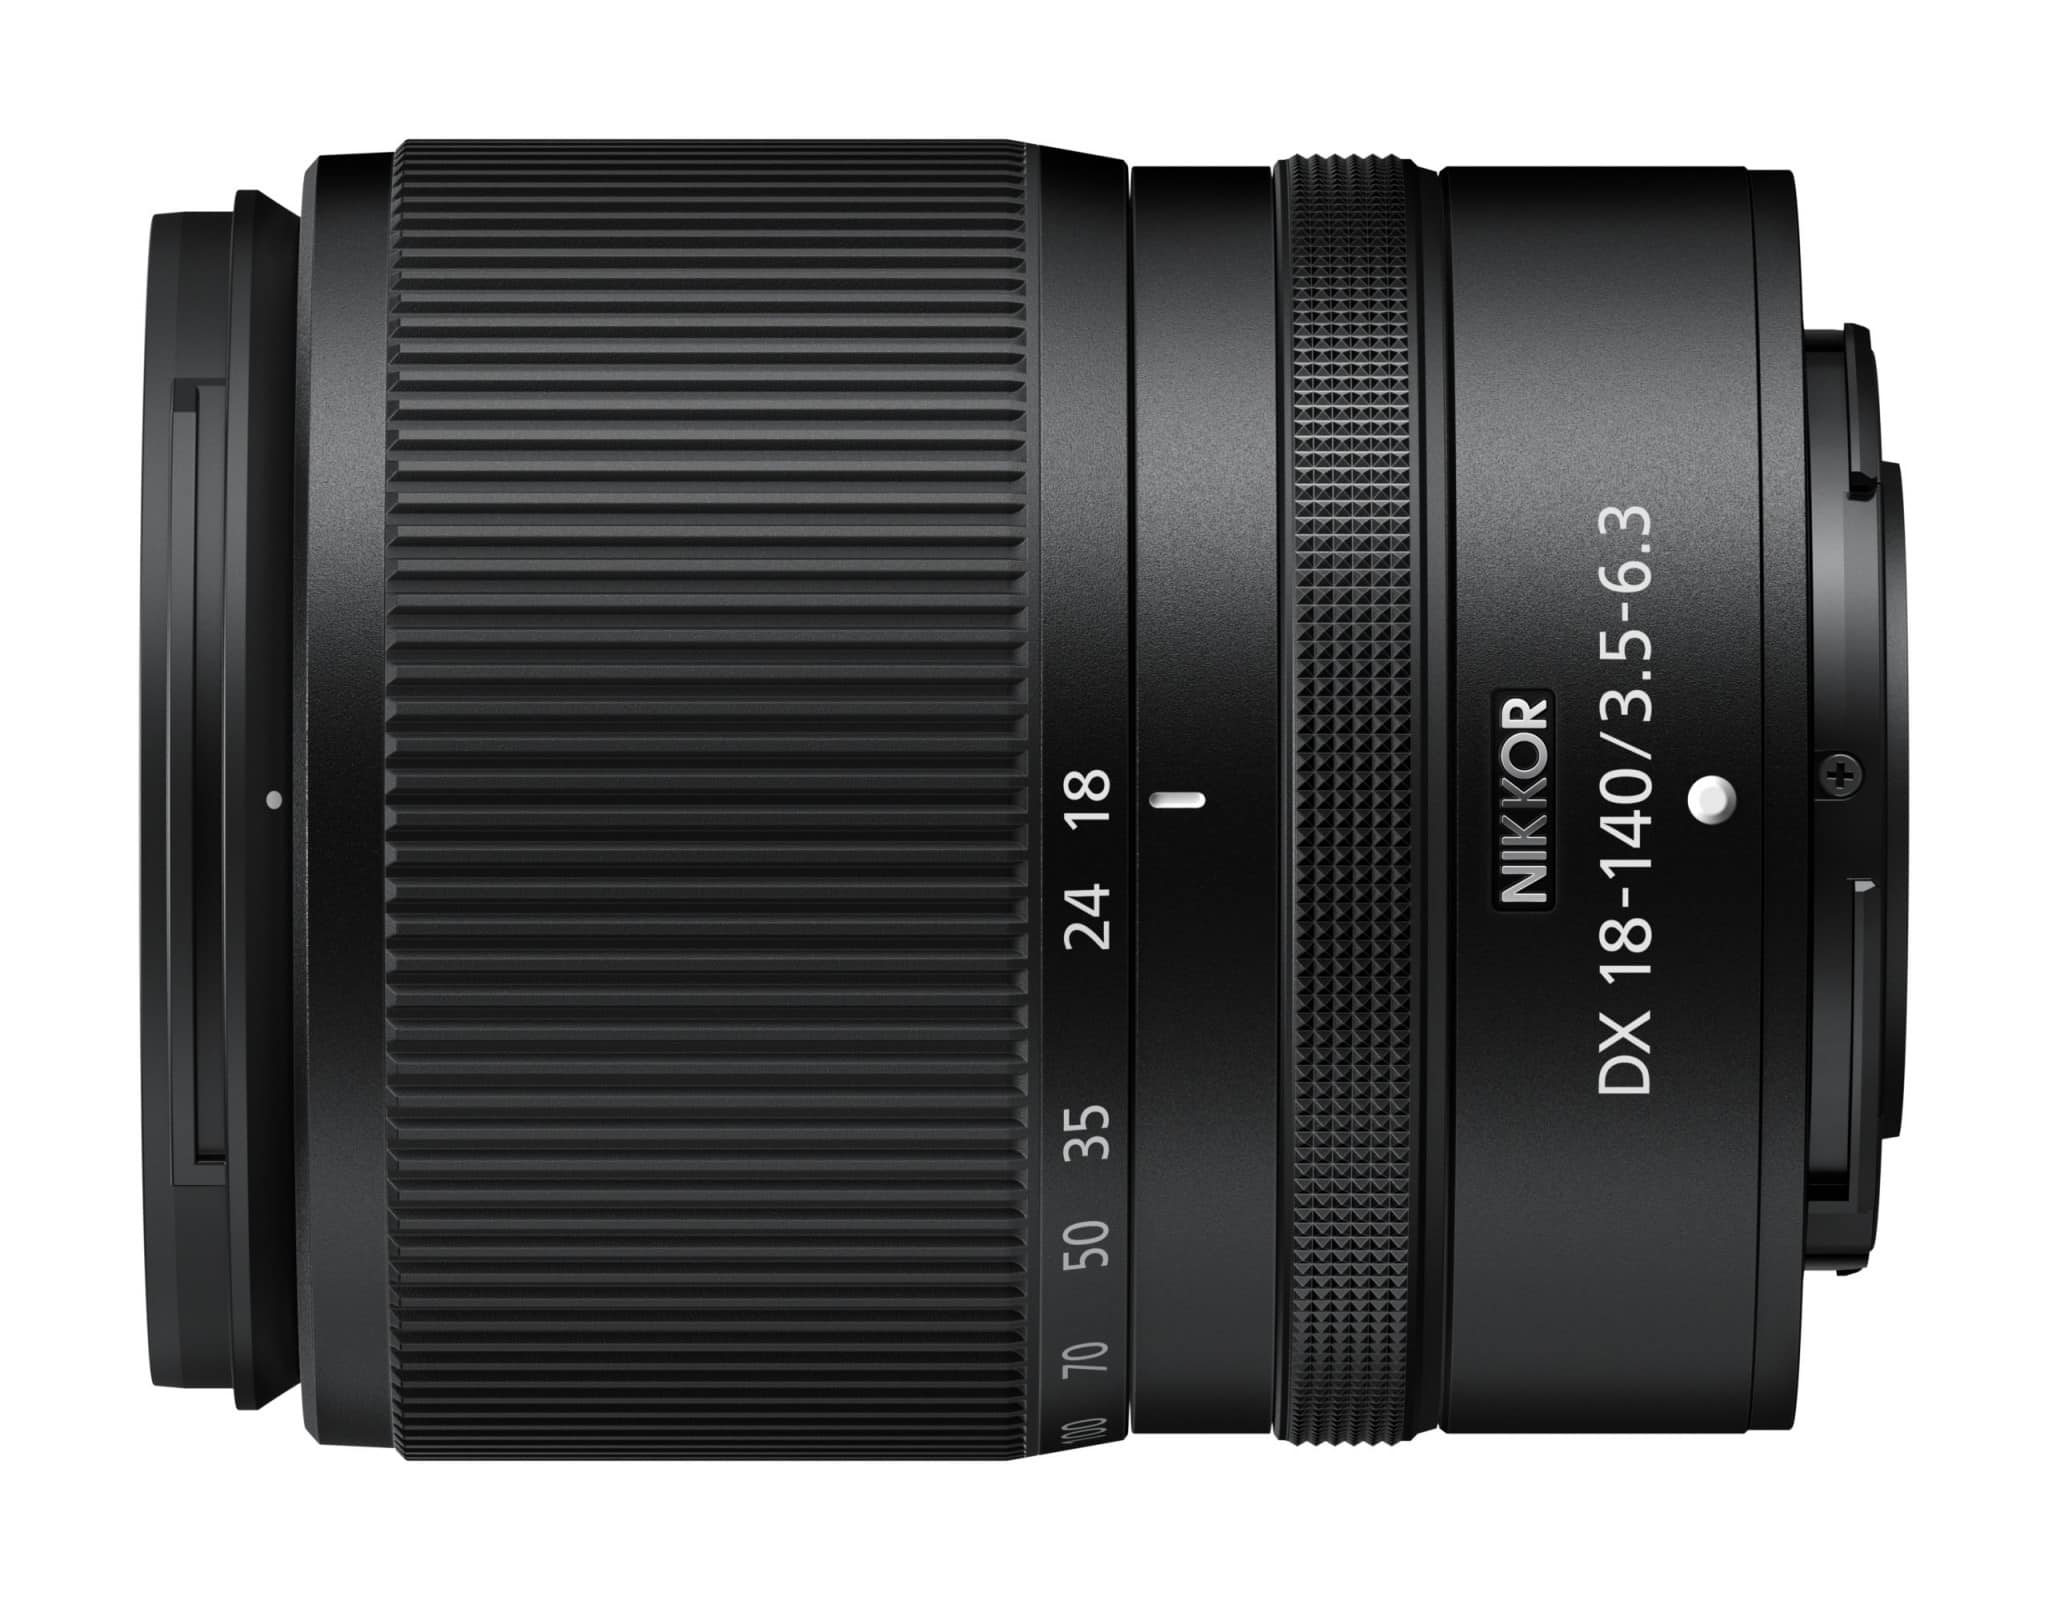 Nikon | Z DX 18-140 - 3.5-6.3